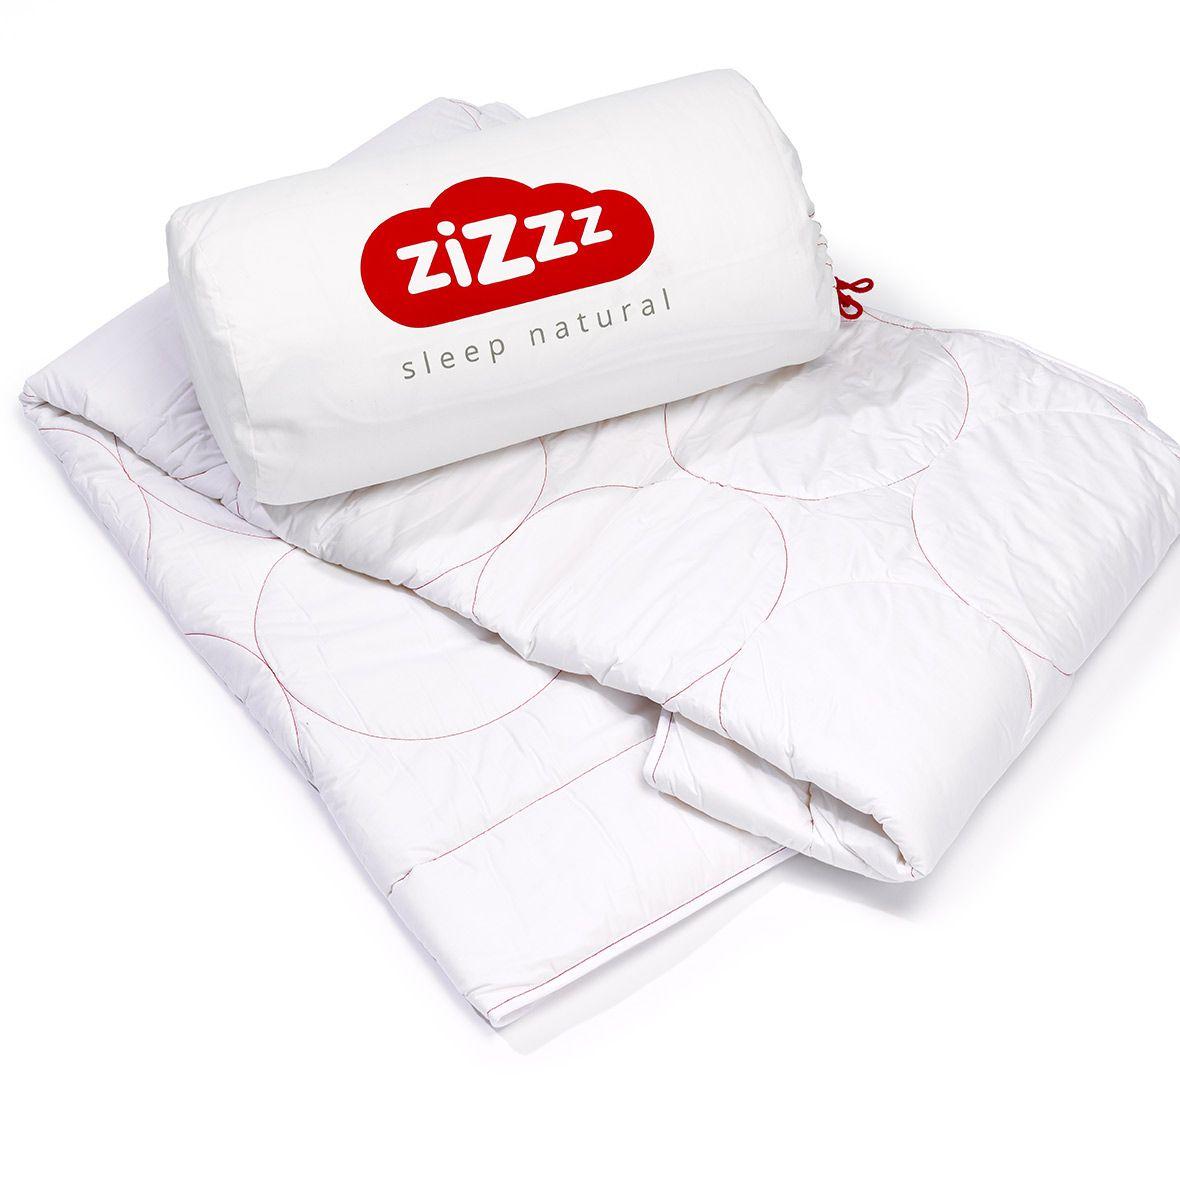 Zizzz Duvet Bettdecke Bett Und Sackchen